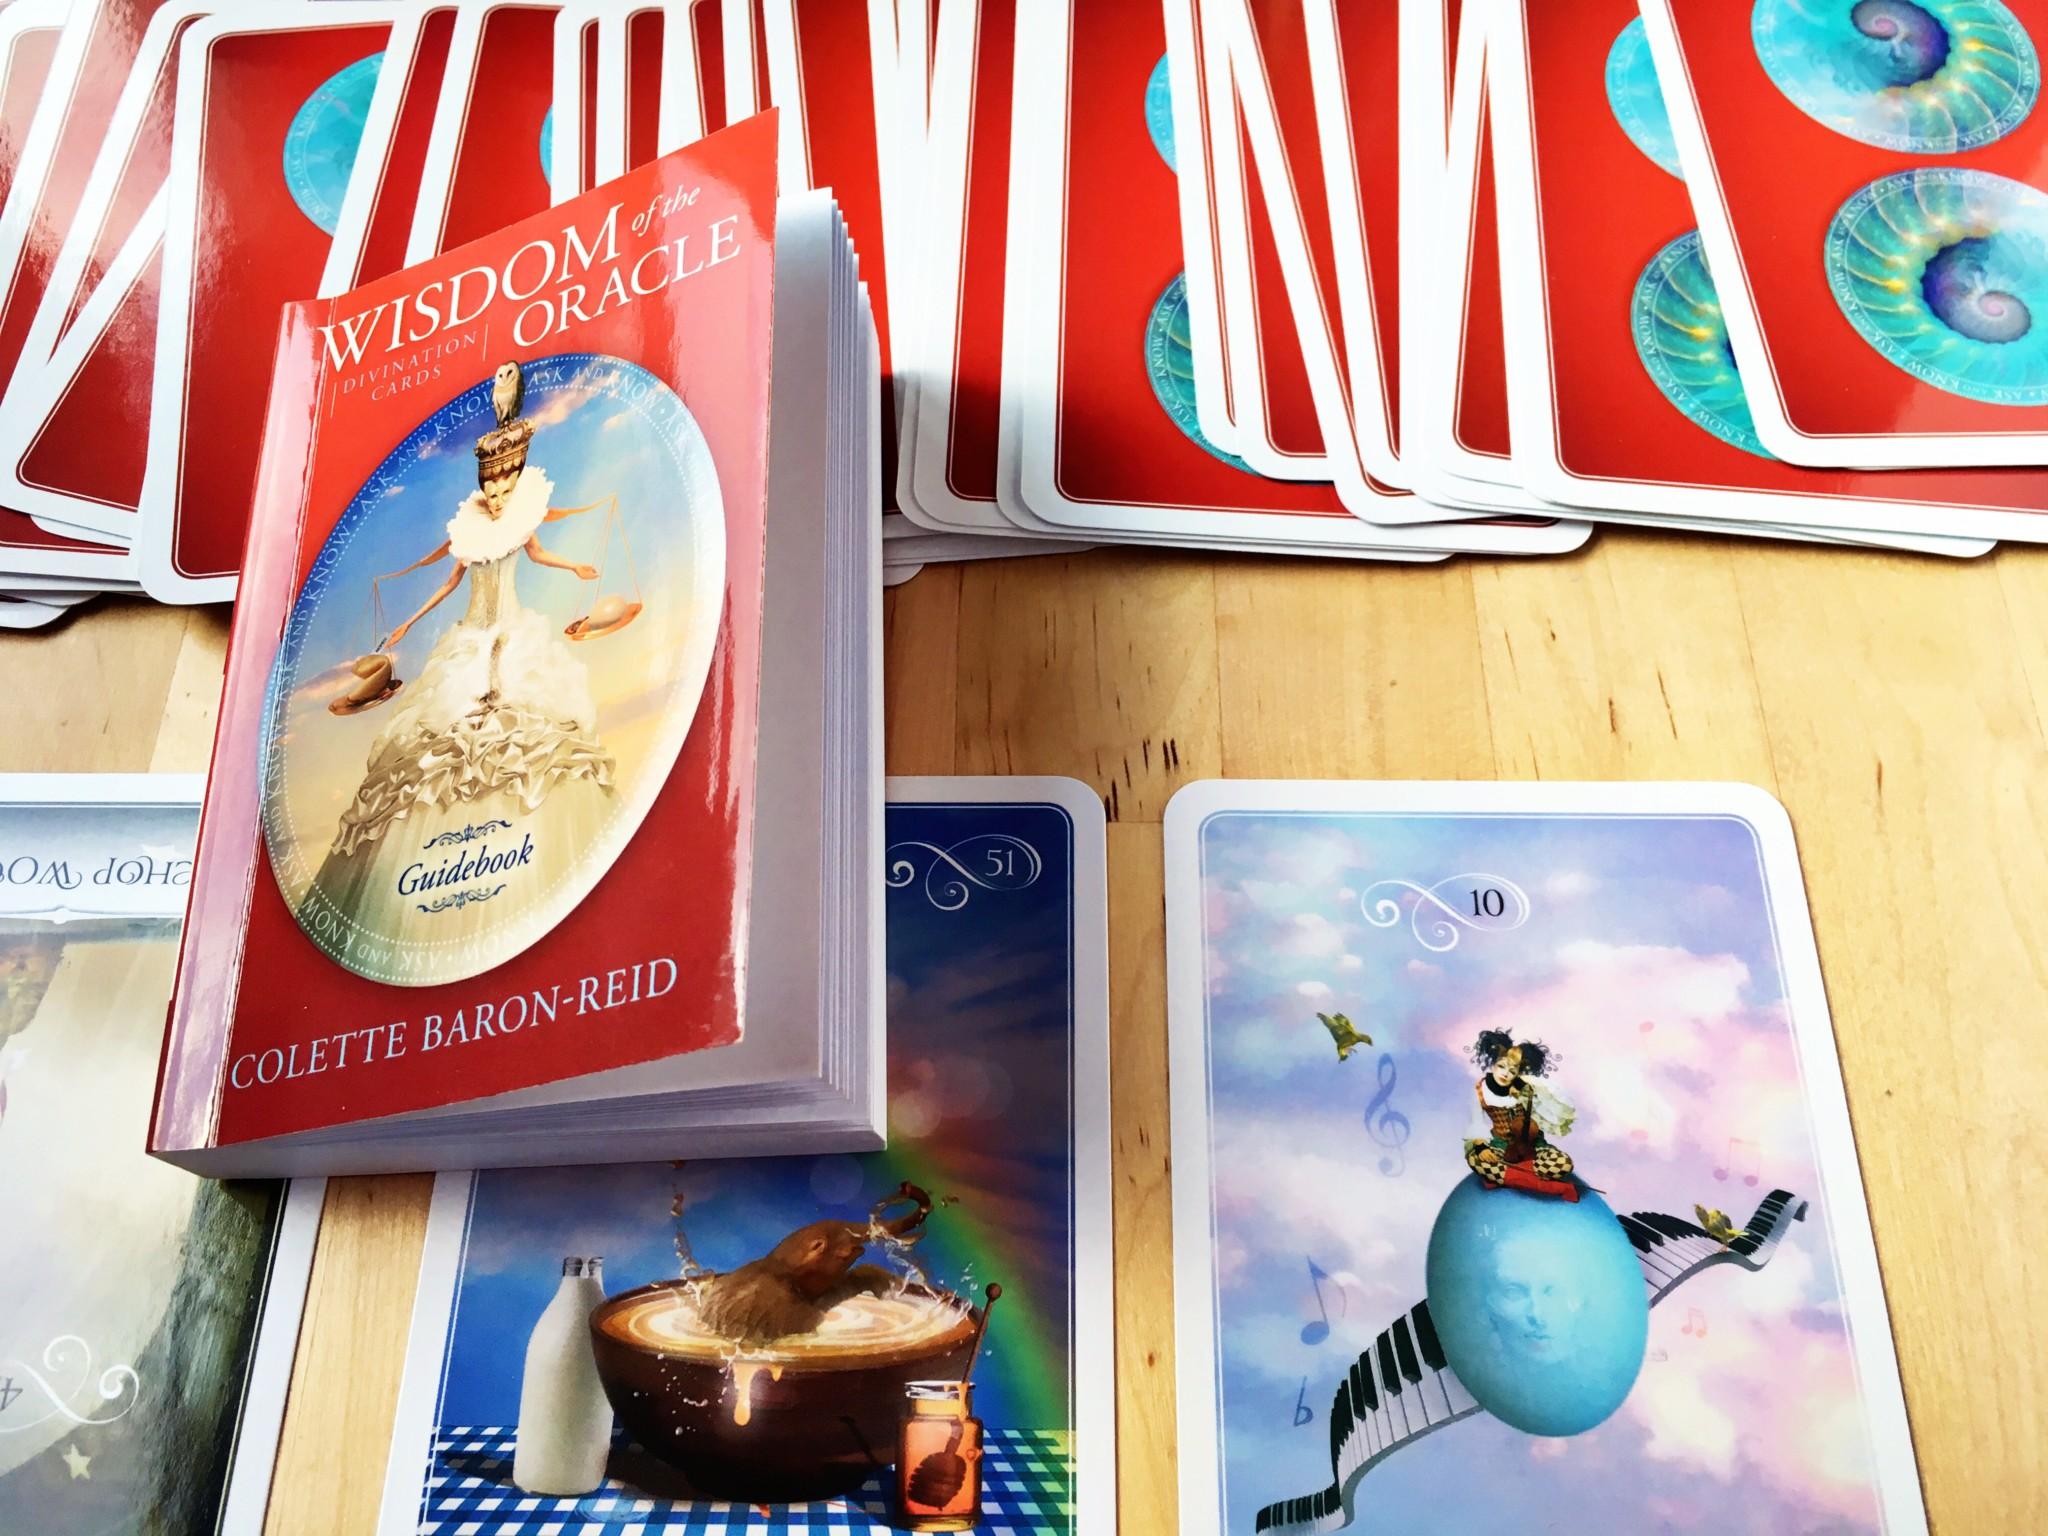 Карты оракула. Повседневная магия | Блог Варвары Лялягиной «Дом, в который хочется приходить»